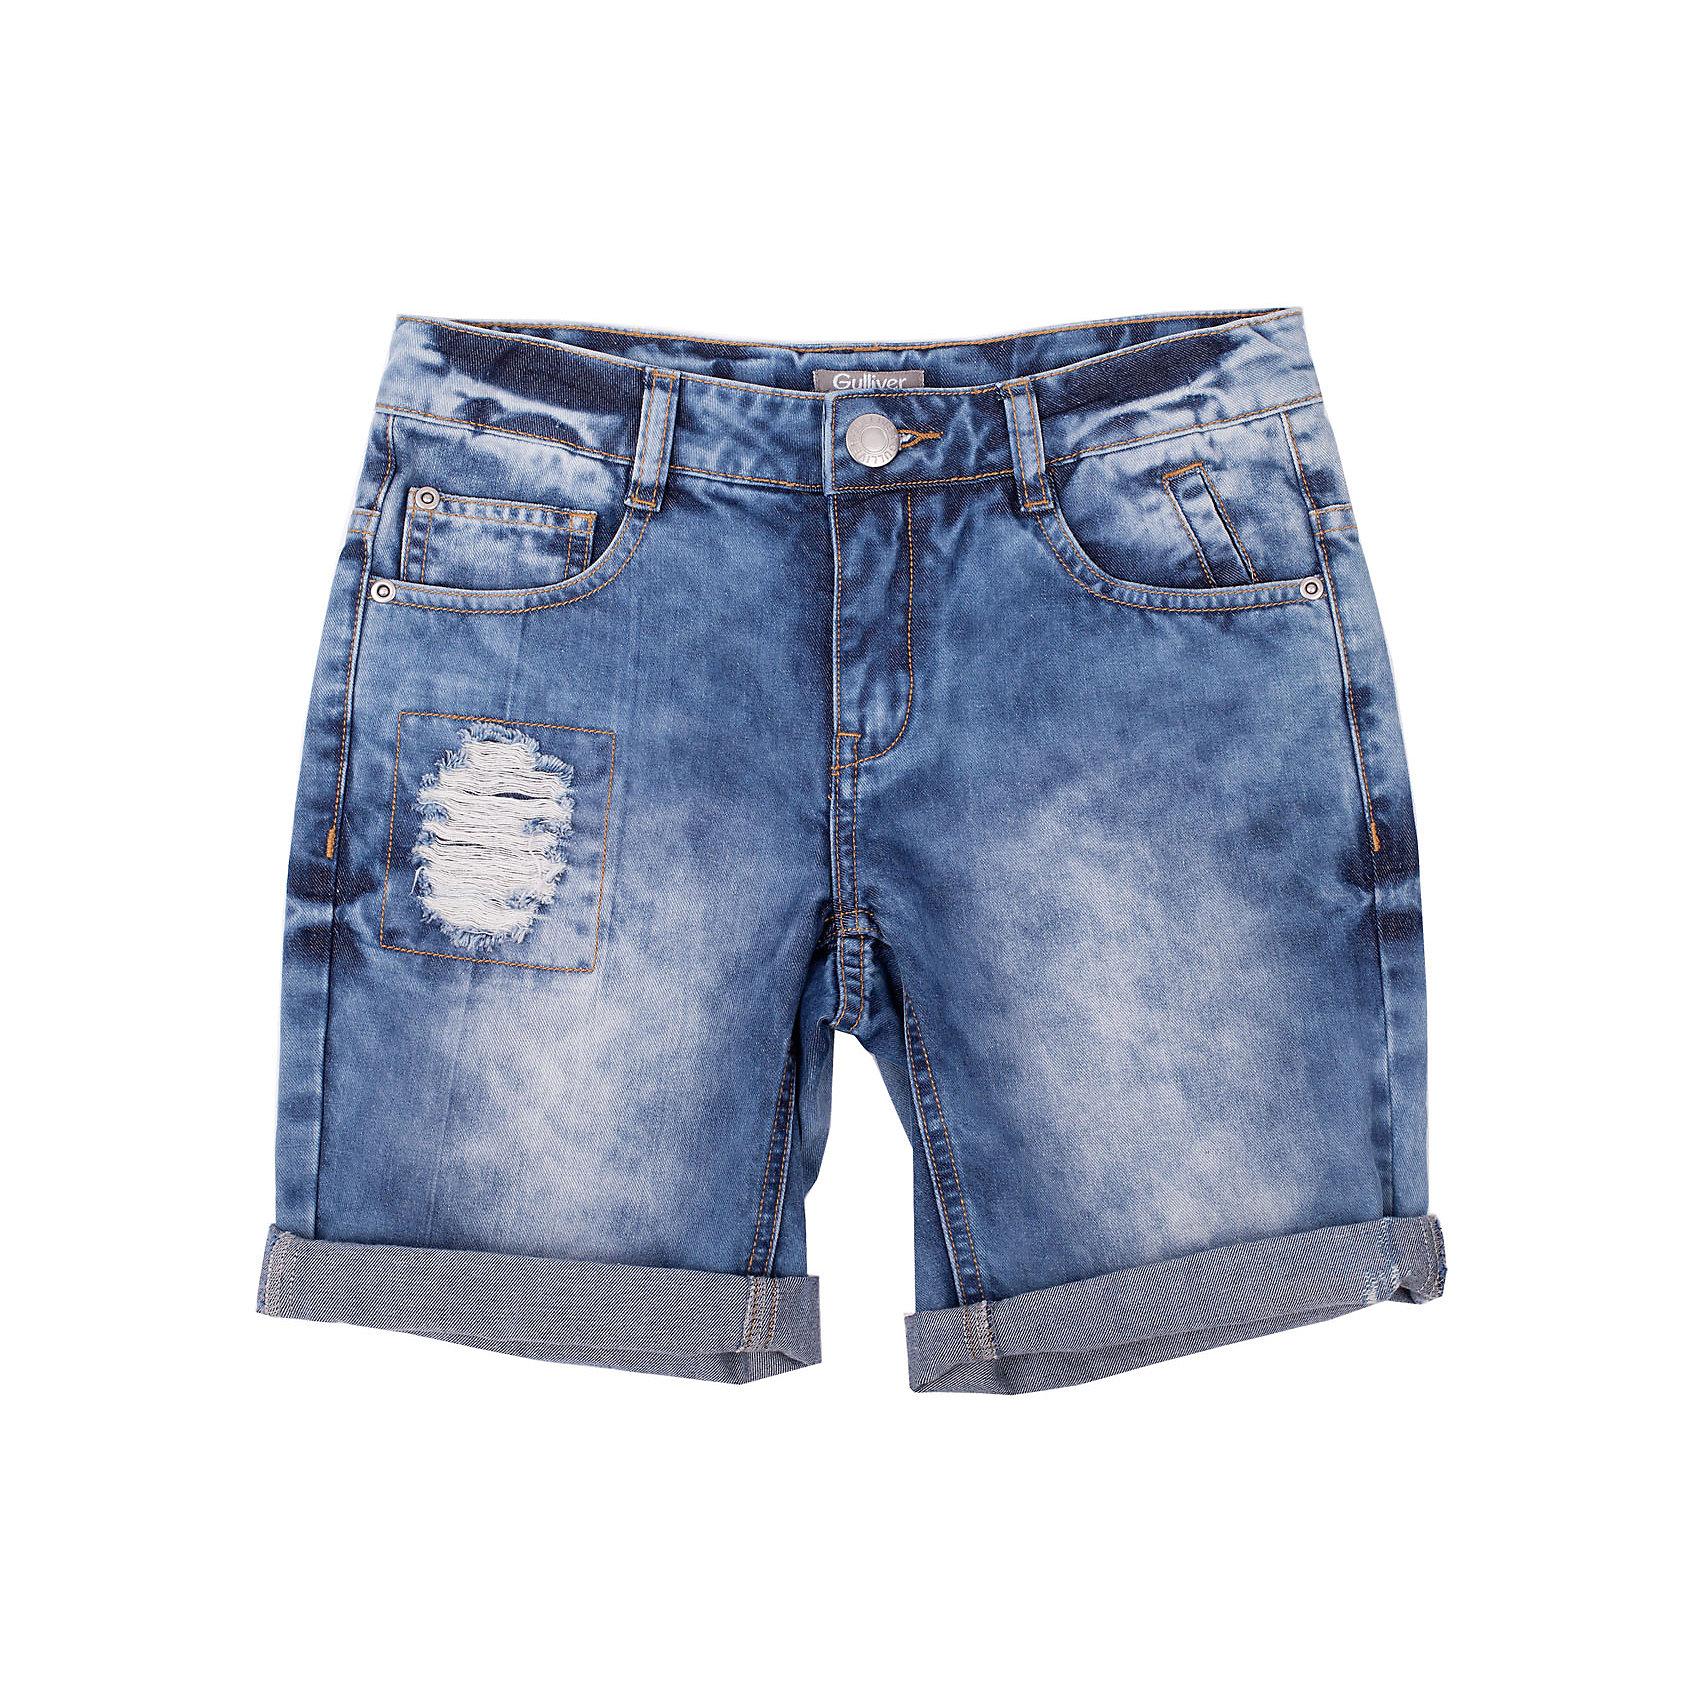 Шорты джинсовые для мальчика GulliverДжинсовая одежда<br>Шорты - непременный атрибут стиля casual, а значит модные джинсовые шорты для мальчика - изделие из разряда must have! Но как угнаться за детской модой? Мы только привыкли к варке, повреждениям и потертостям на детских джинсовых изделиях, но дизайнеры уже придумали что-то новенькое! Голубые джинсовые шорты для мальчика с декоративными заплатками - хит сезона весна/лето 2016!  К тому же, это стильный, комфортный элемент гардероба, идеально подходящий к любой футболке, майке, джемперу.<br>Состав:<br>100% хлопок<br><br>Ширина мм: 191<br>Глубина мм: 10<br>Высота мм: 175<br>Вес г: 273<br>Цвет: голубой<br>Возраст от месяцев: 84<br>Возраст до месяцев: 96<br>Пол: Мужской<br>Возраст: Детский<br>Размер: 128,134,140,122<br>SKU: 4534978